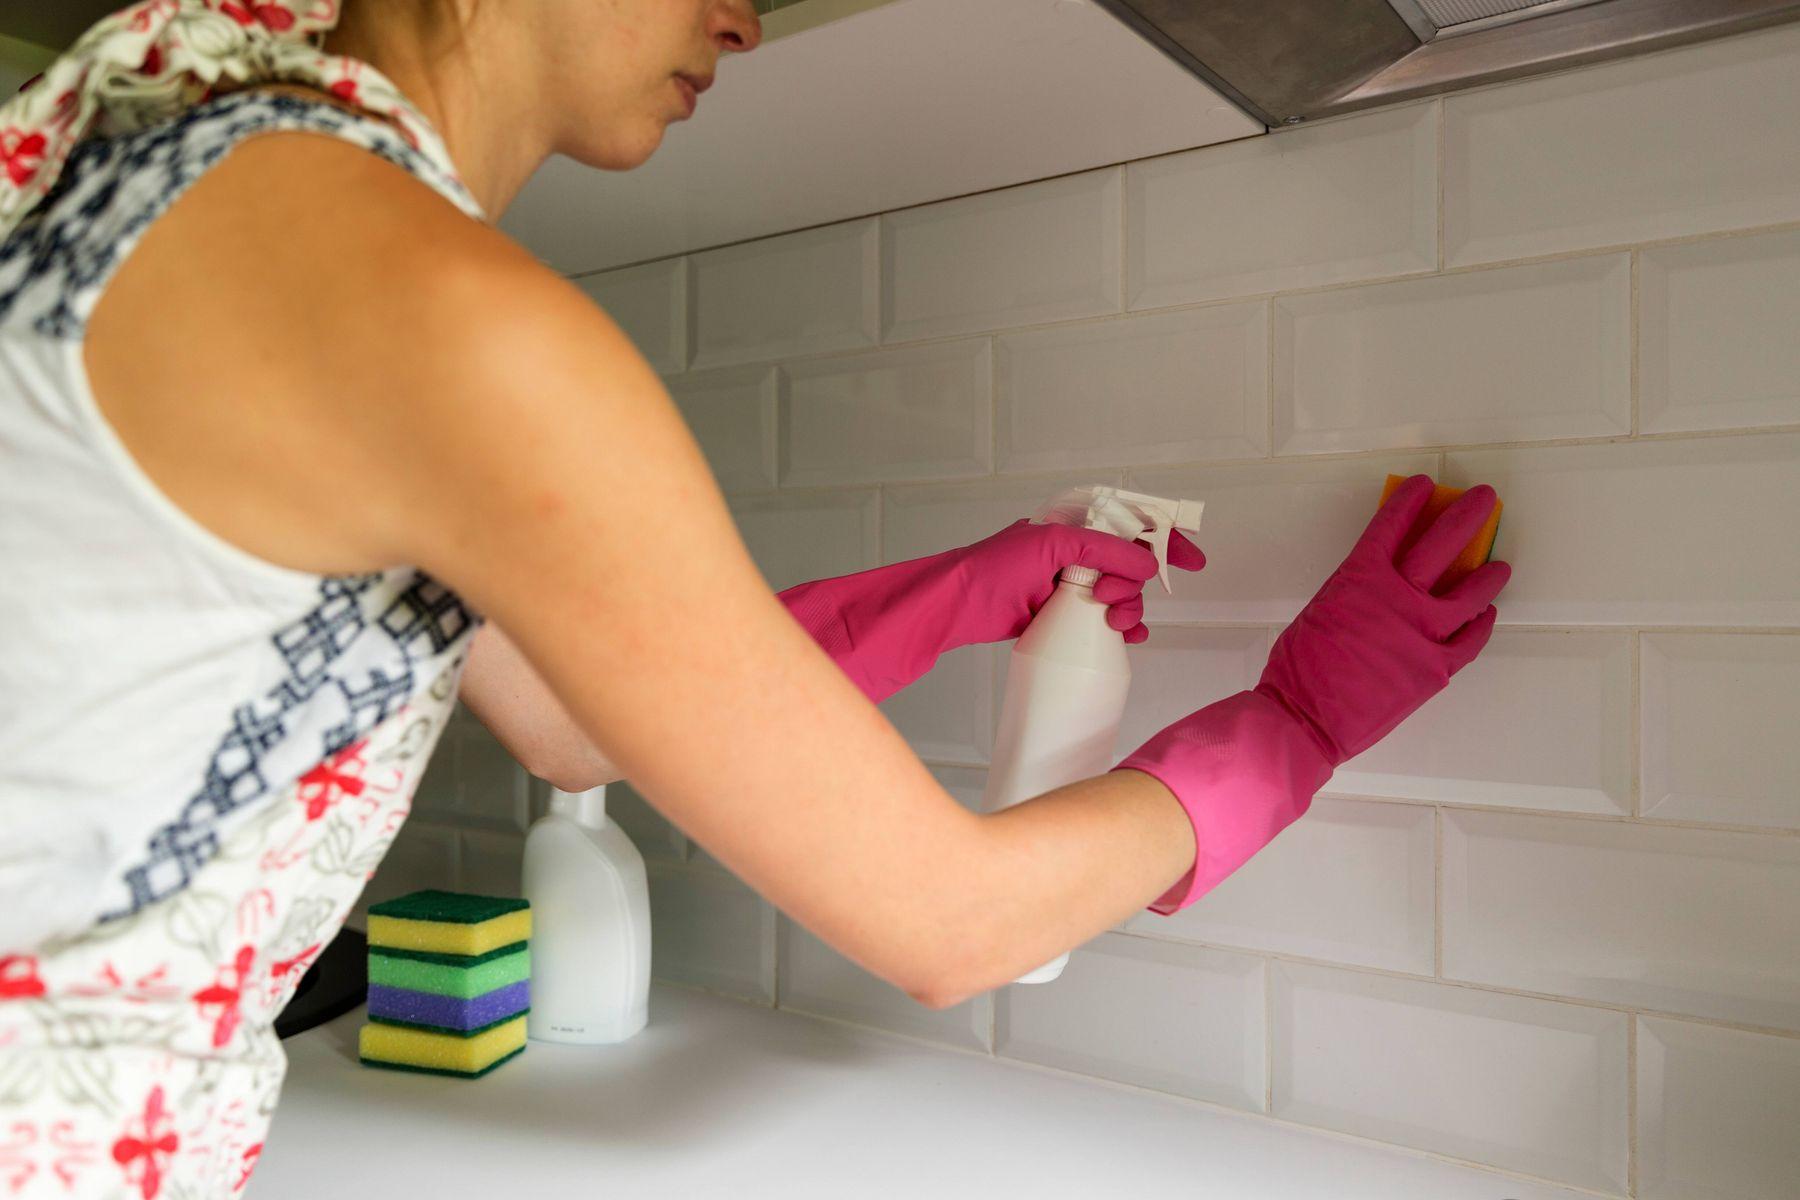 Como limpar azuleijos engordurados